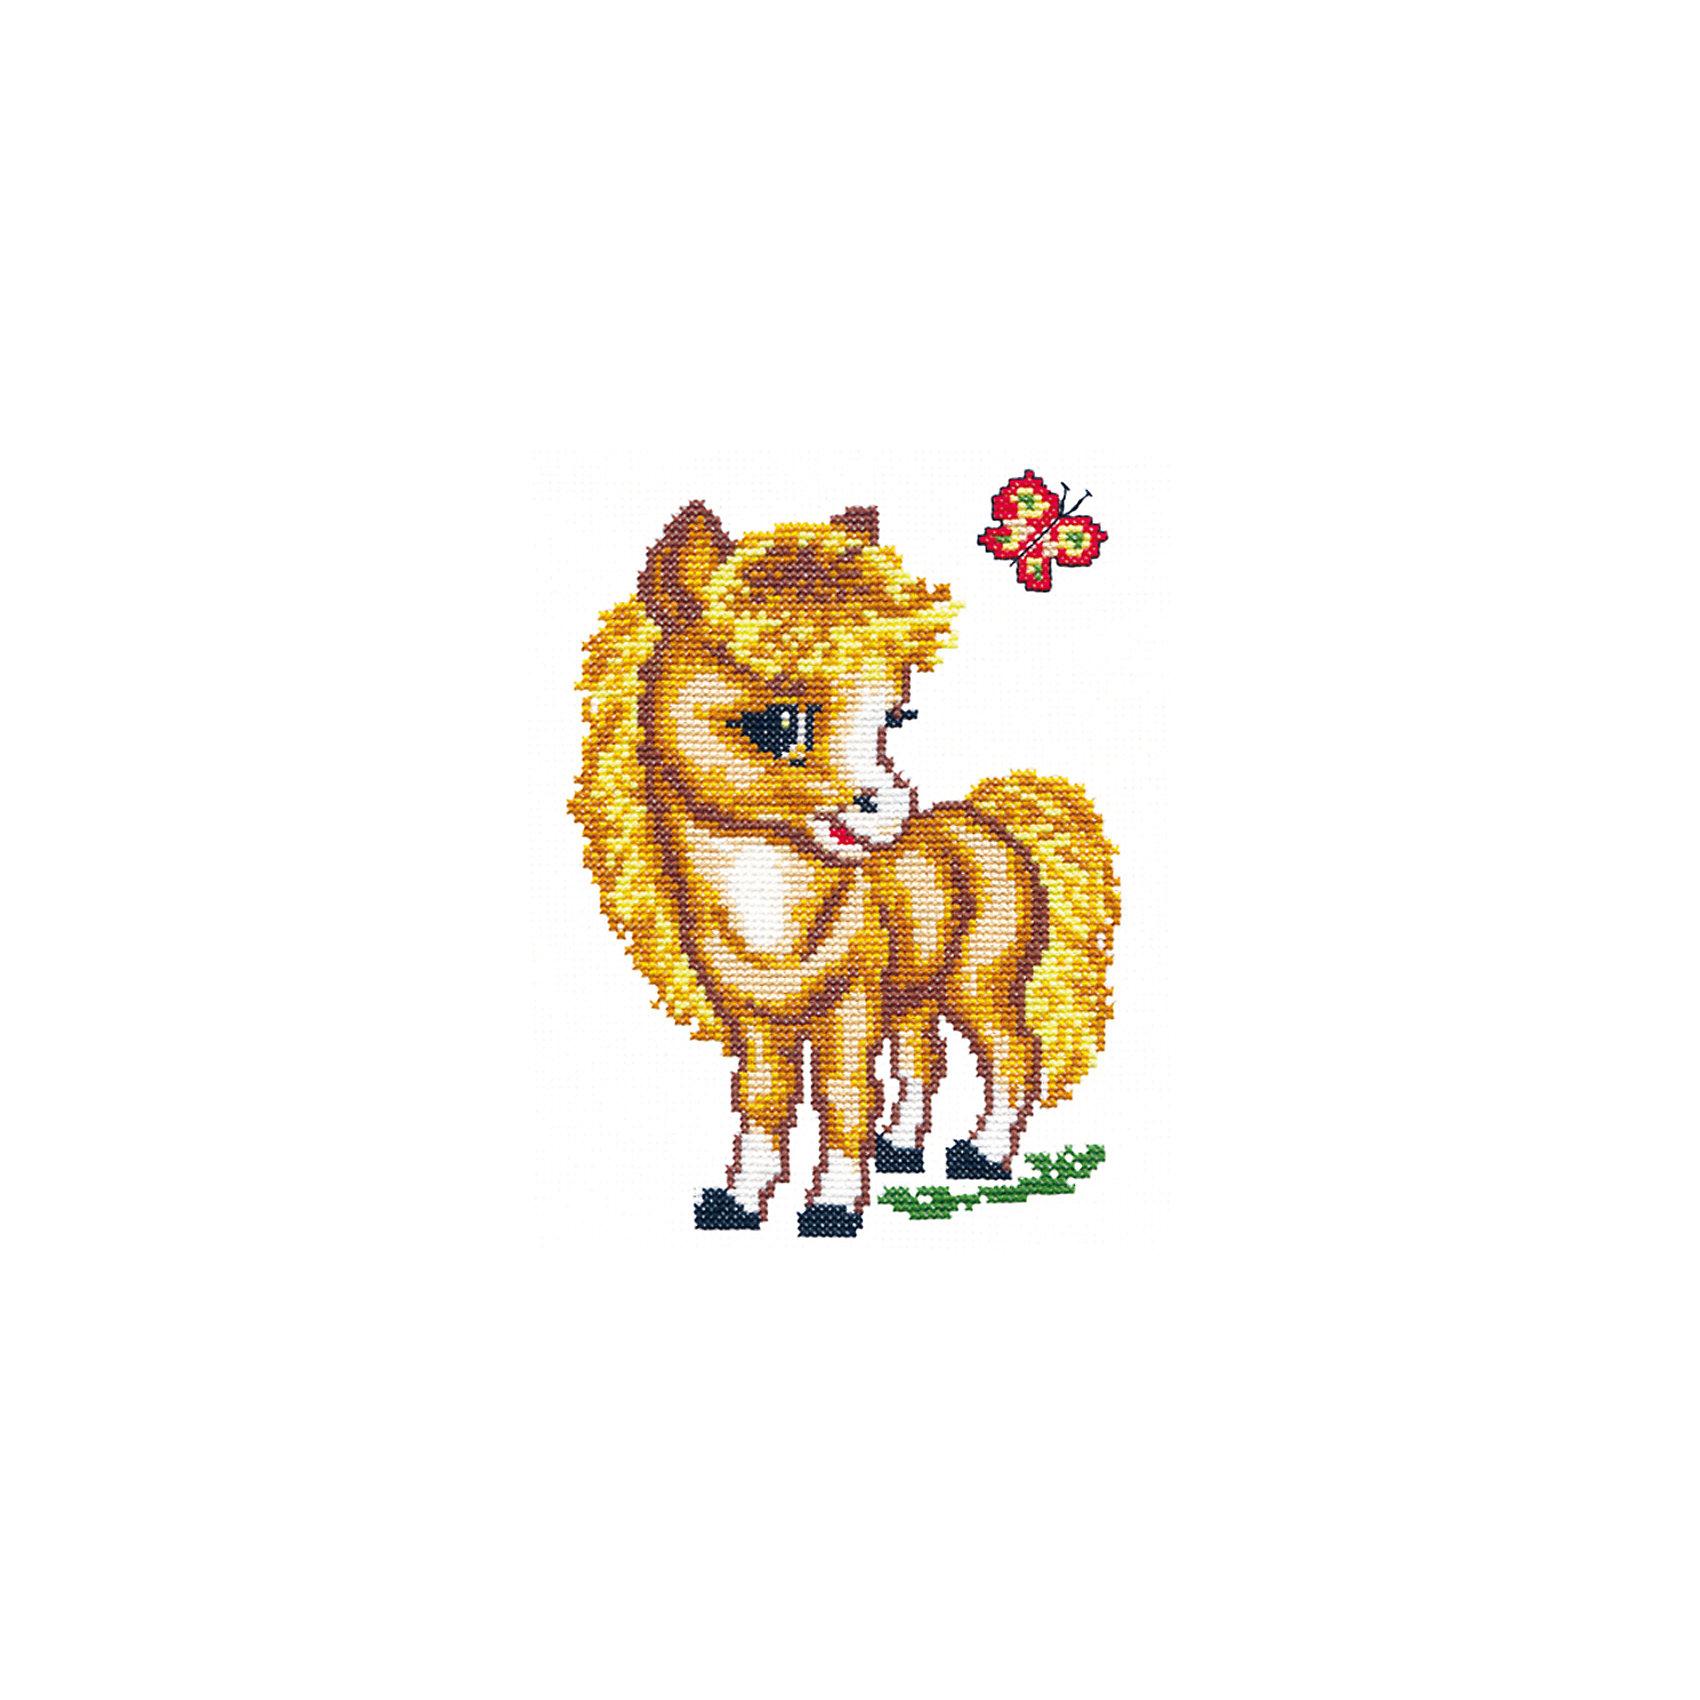 Чудесная игла Набор для вышивания крестом «Весёлая лошадка» набор для вышивания крестом luca s дневной котенок 5 5 х 10 см